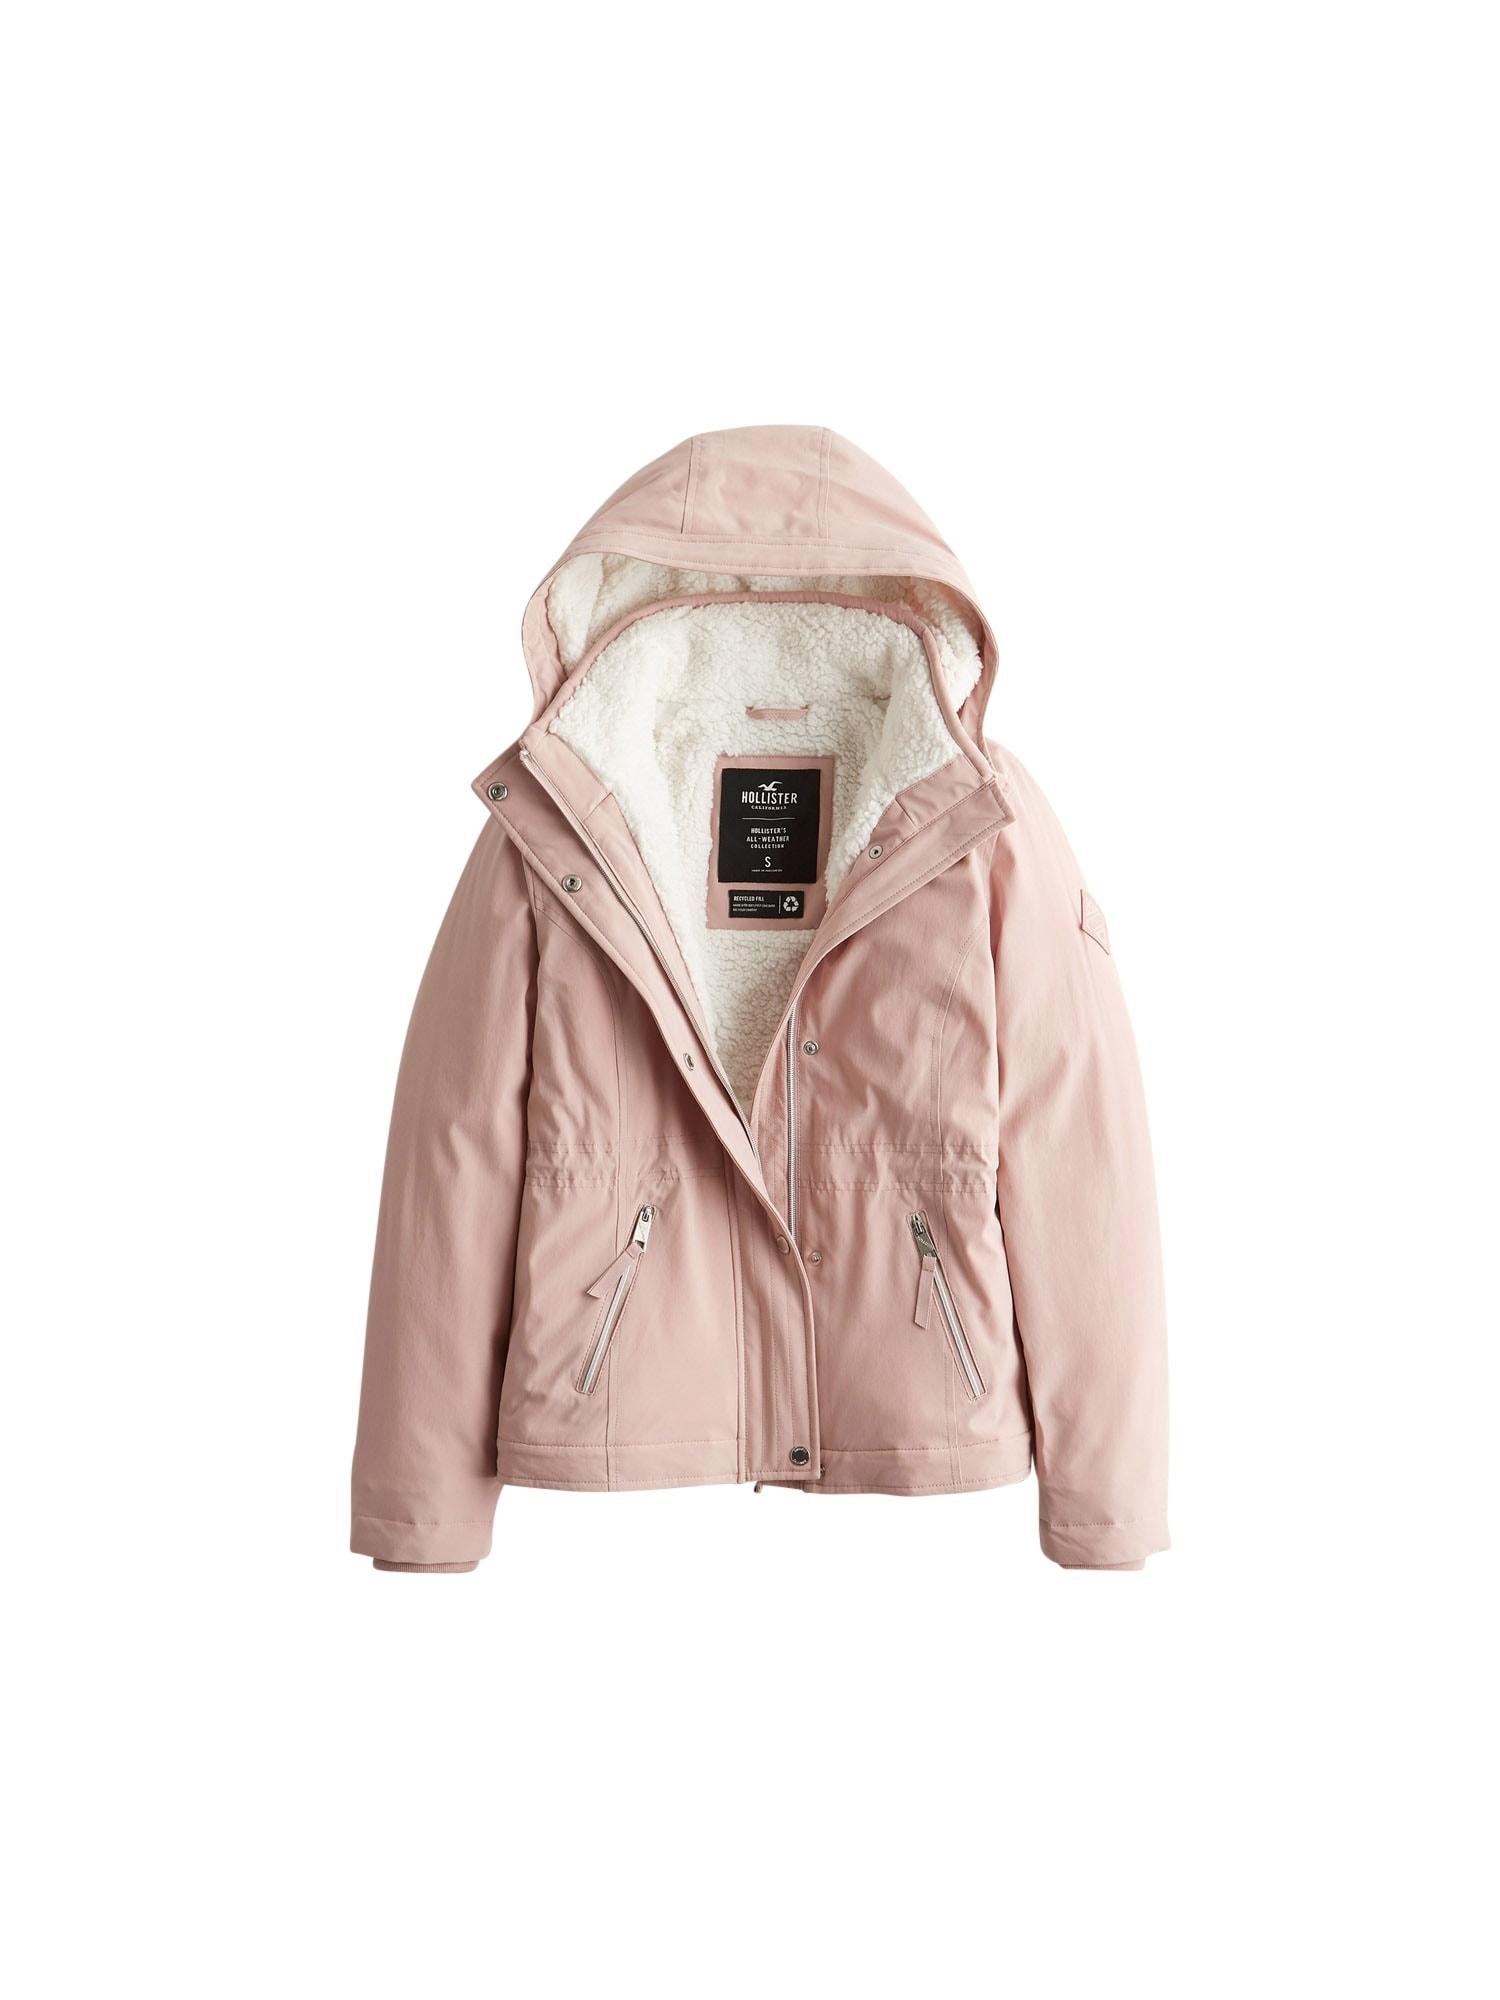 HOLLISTER Žieminė striukė ryškiai rožinė spalva